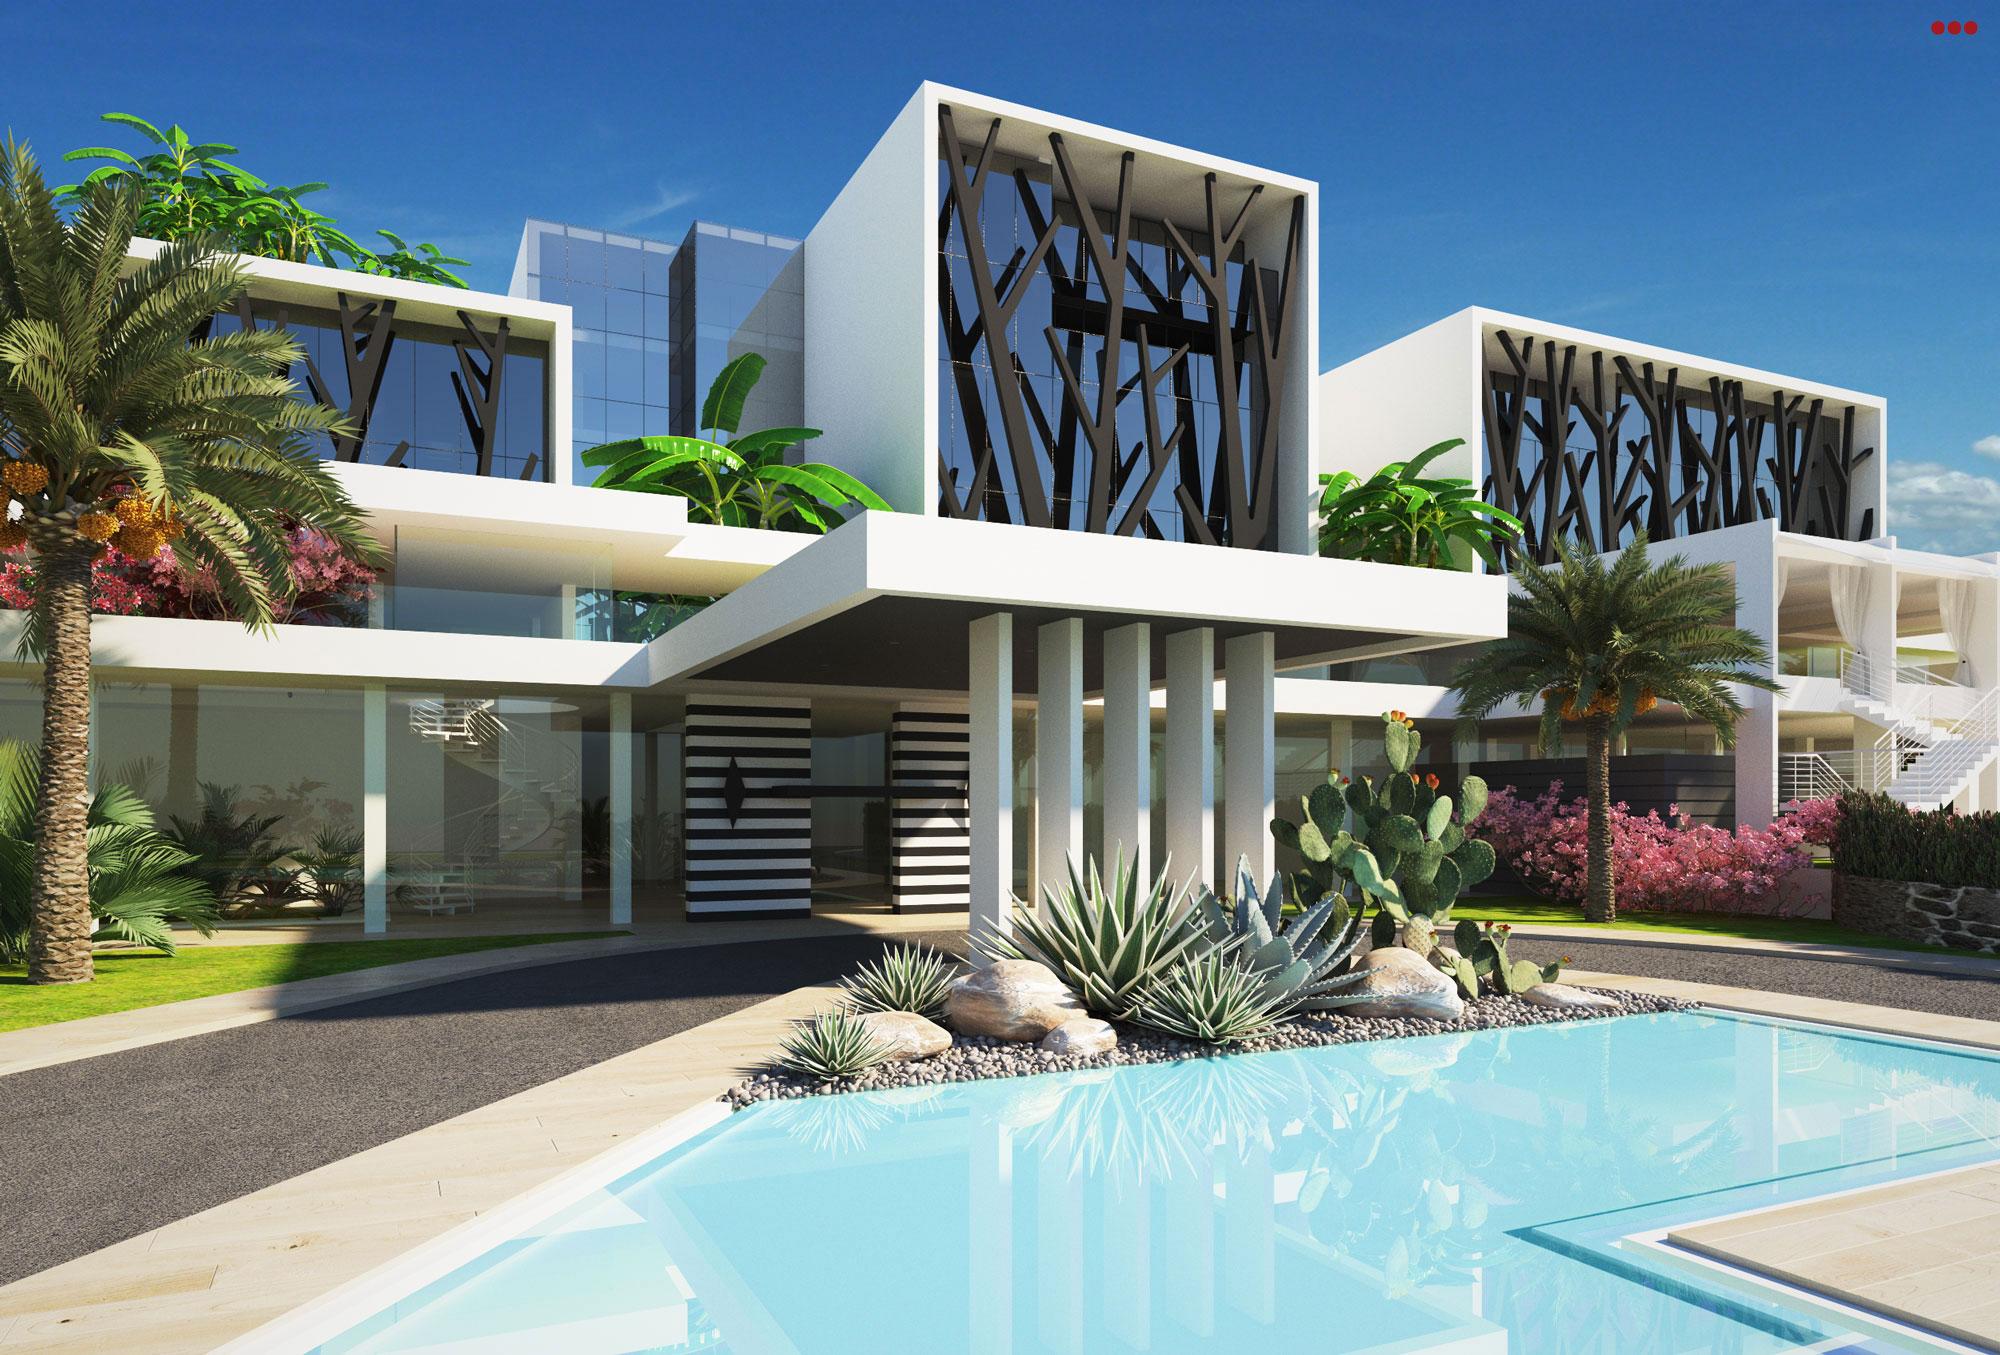 Studio-BArtolini-rendering-progettazione-grafica-3D-Hotel-Porto-Amelia-Mozzambico-4